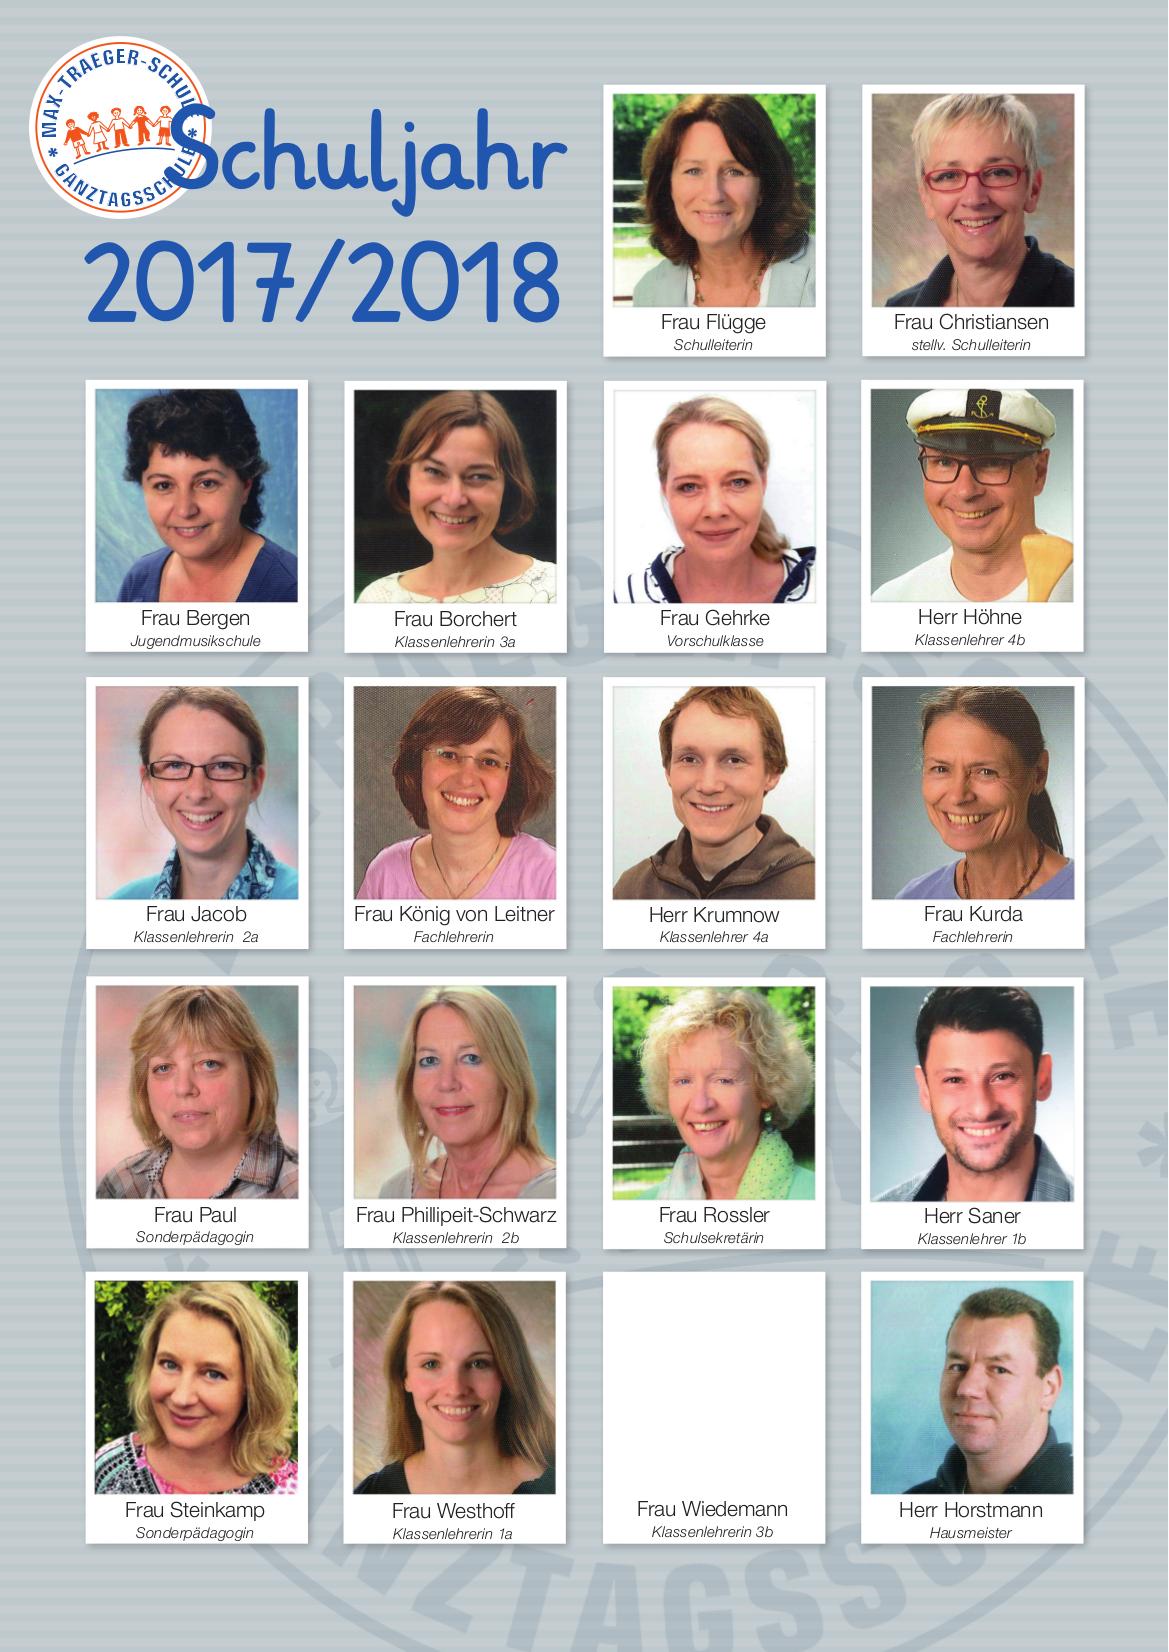 Schuljahr-2017-18_Uebersicht extra